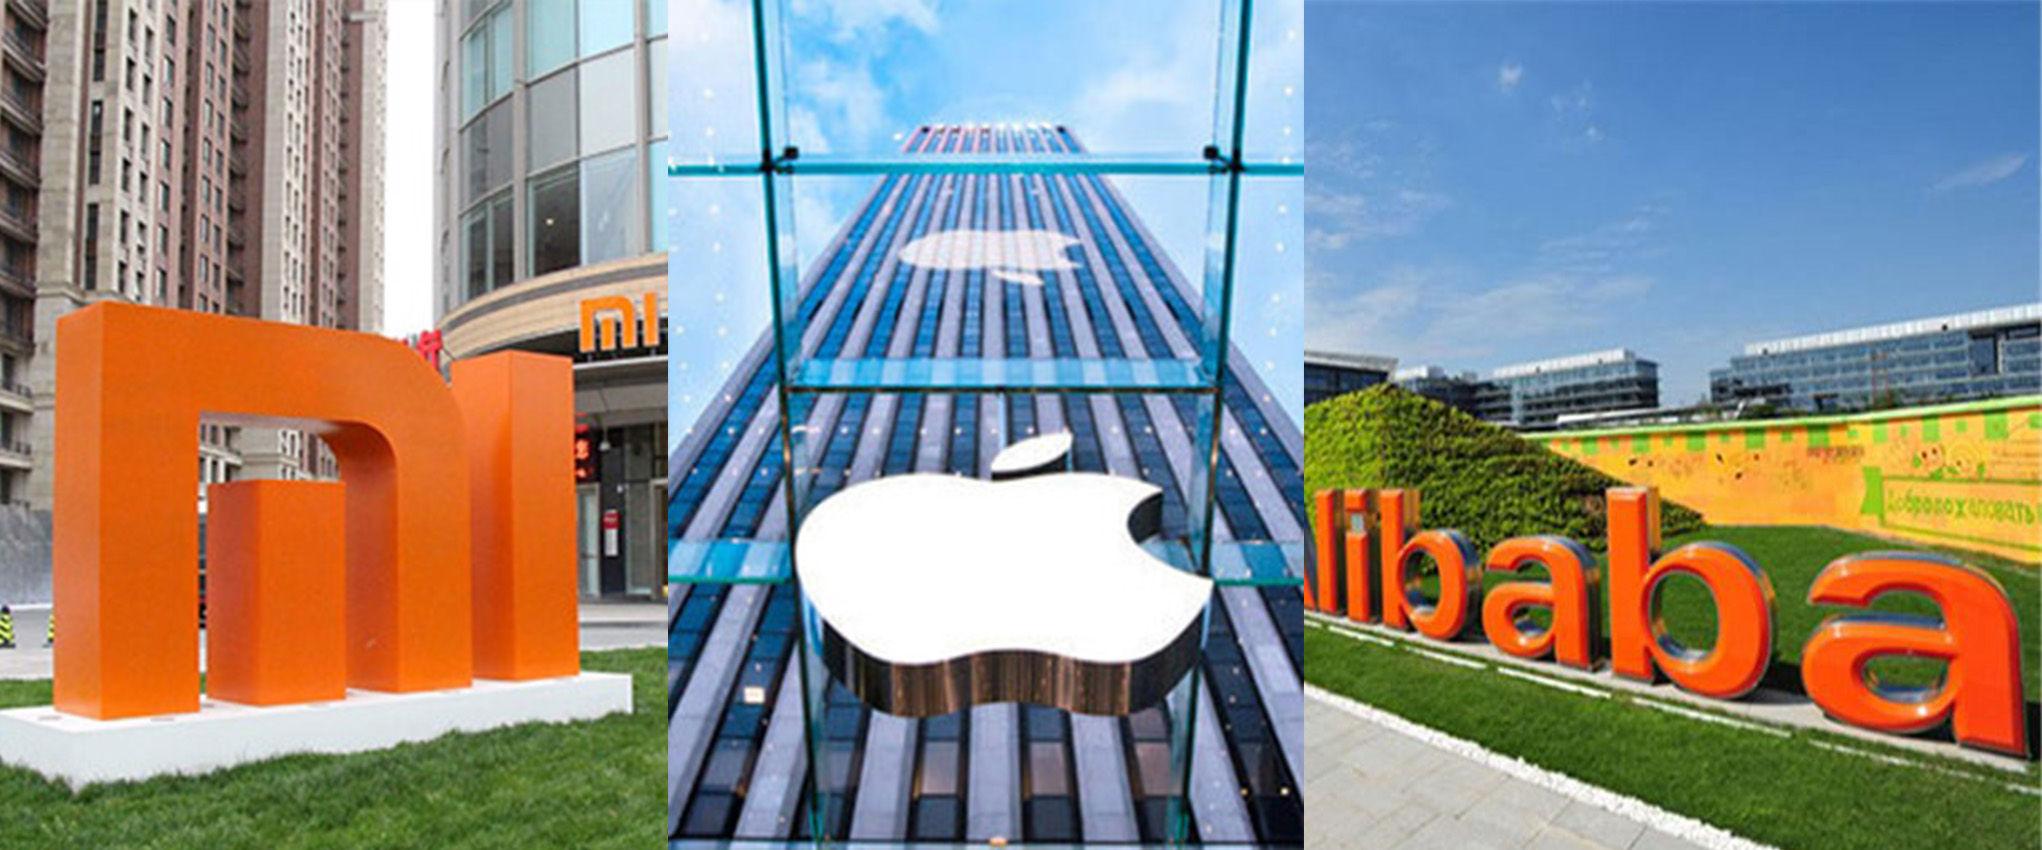 小米、阿里、苹果等众多大公司,决策竟然靠猜?-心理学文章-壹心理